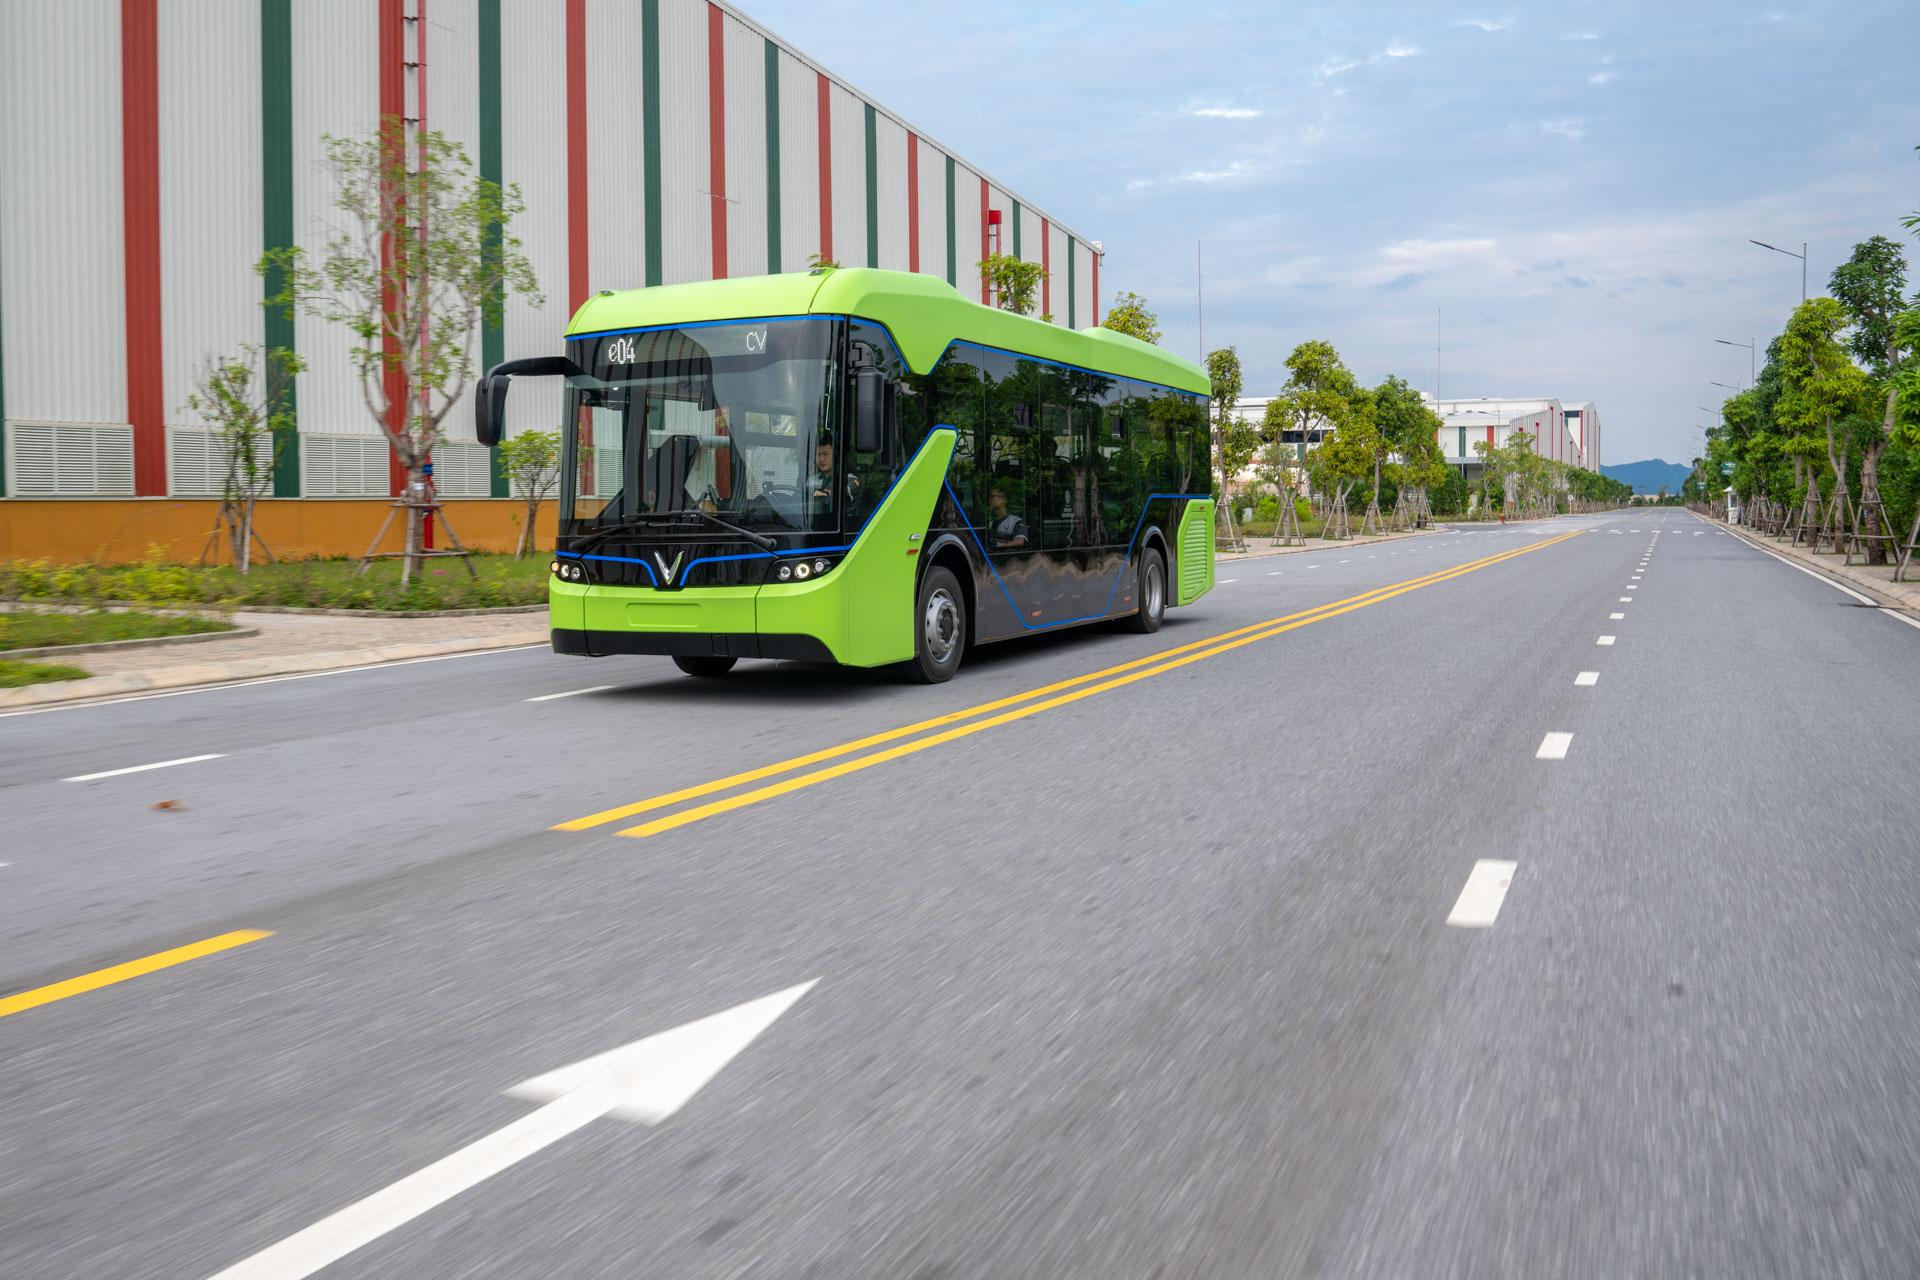 Vingroup chính thức chạy thử nghiệm xe buýt điện VinFast - Ảnh 1